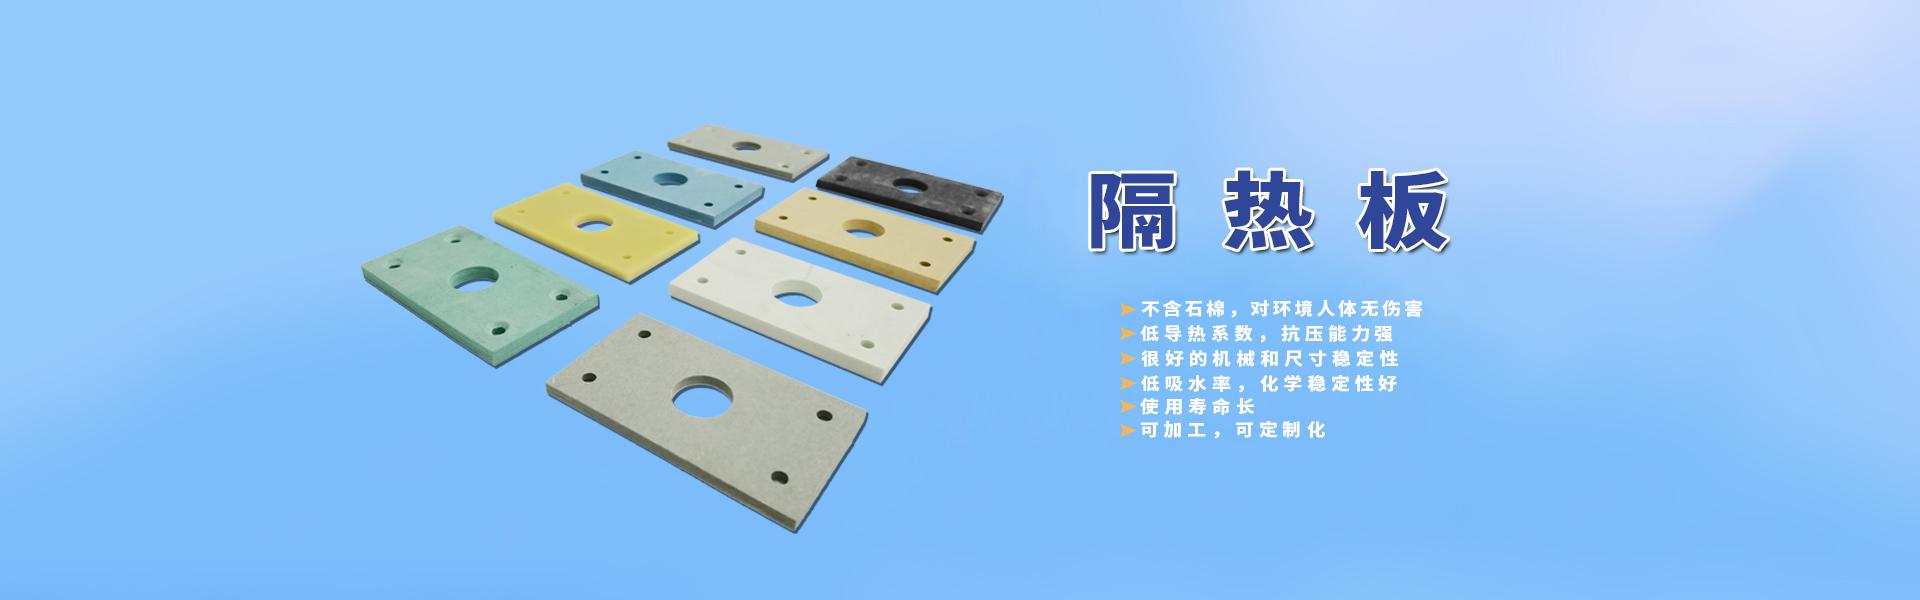 工业隔热板,自动化隔热板